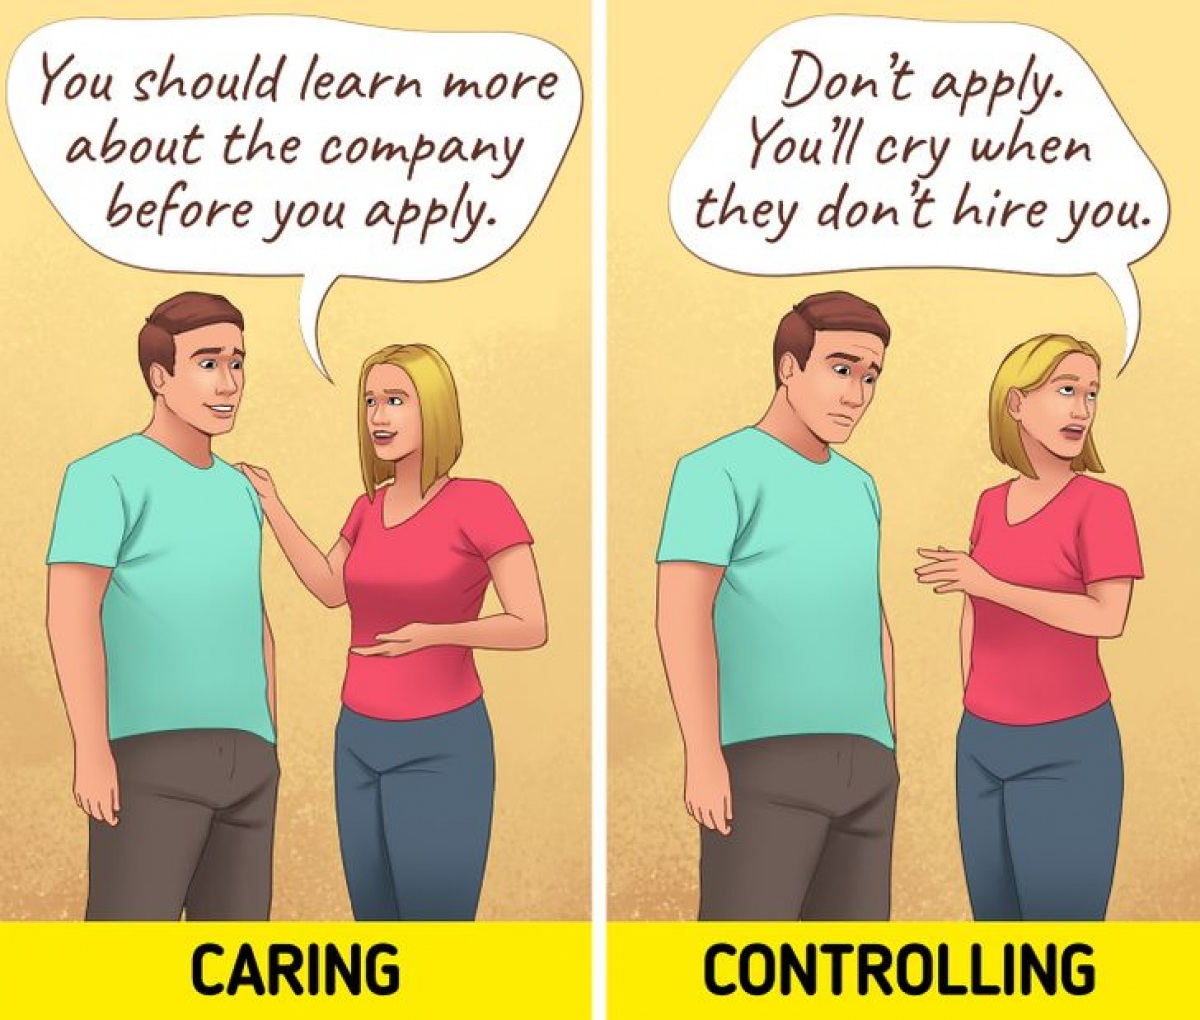 Ranh giới giữa quan tâm và kiểm soát trong một mối quan hệ - 3